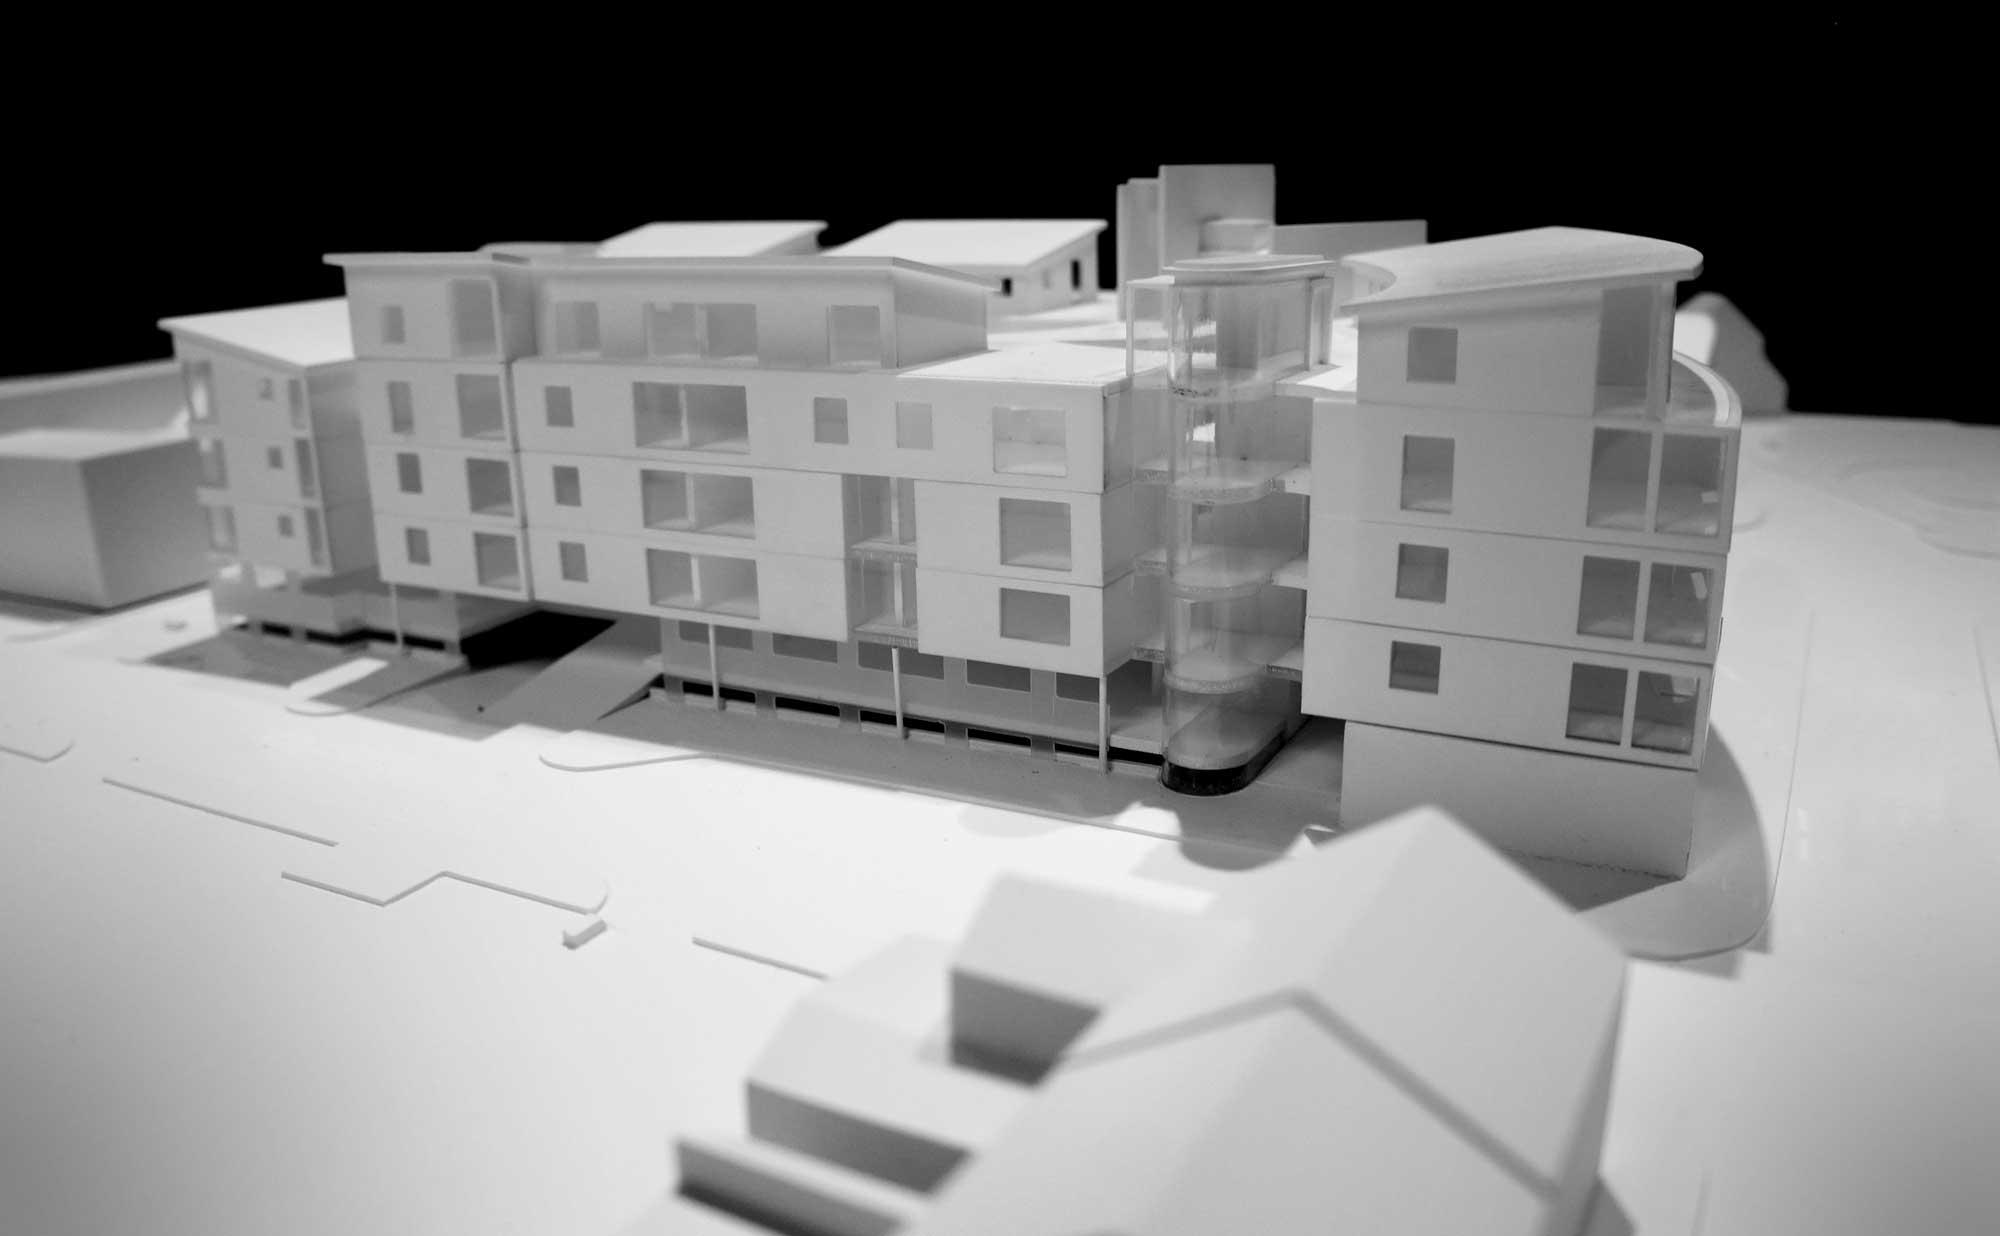 residential development model 2